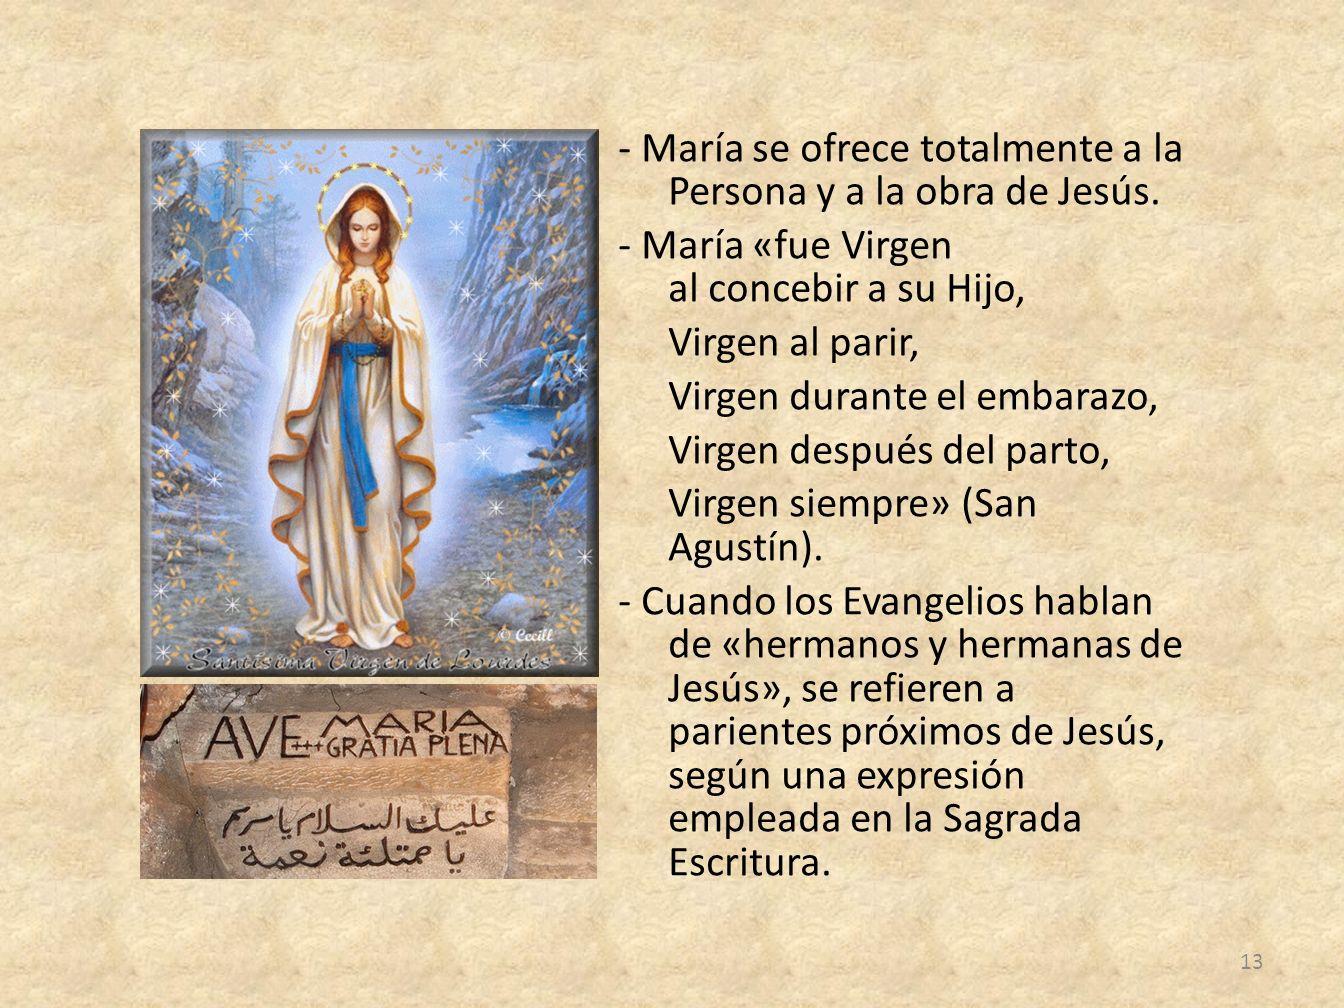 - María se ofrece totalmente a la Persona y a la obra de Jesús